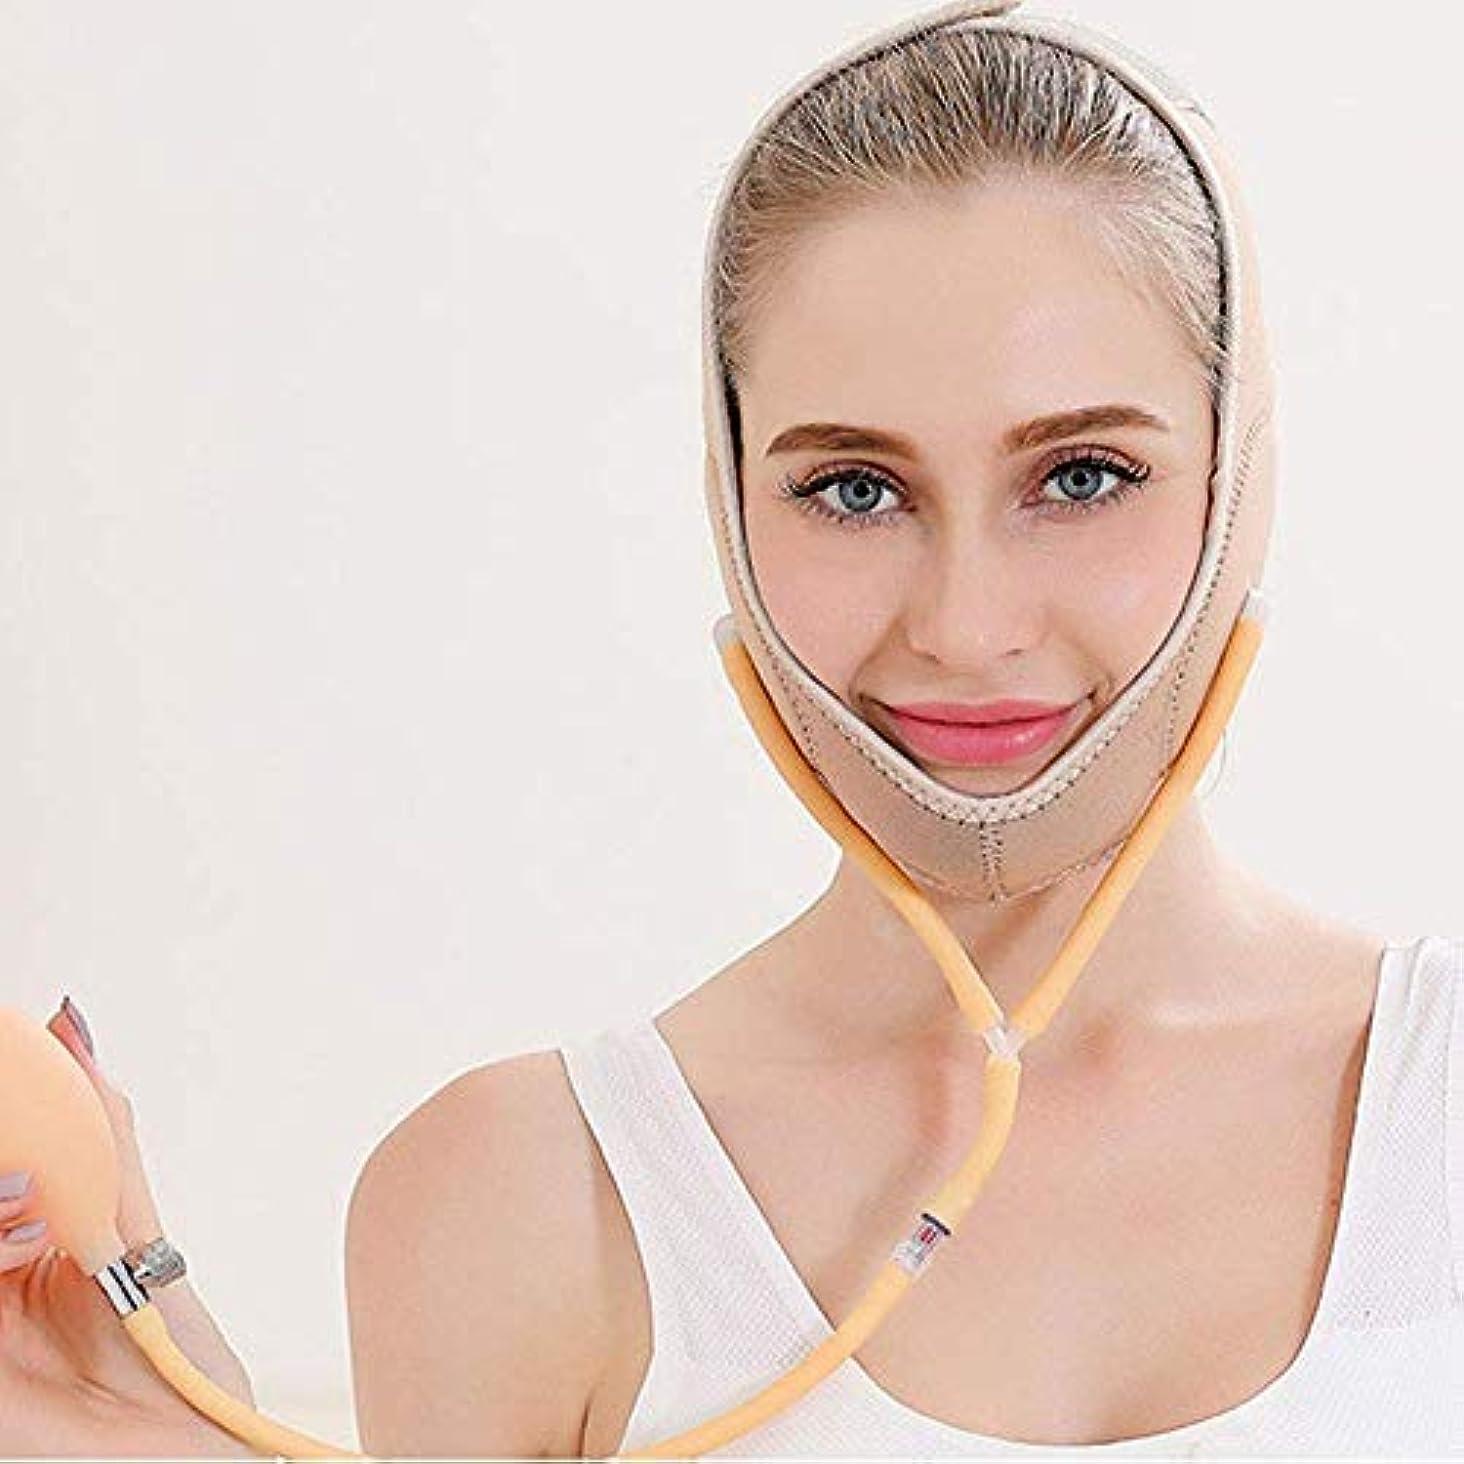 行政ゼリー序文小さなV顔睡眠包帯、ダブルバルーン圧縮薄い二重あごリフト引き締め顔アーティファクト、フレッシュ